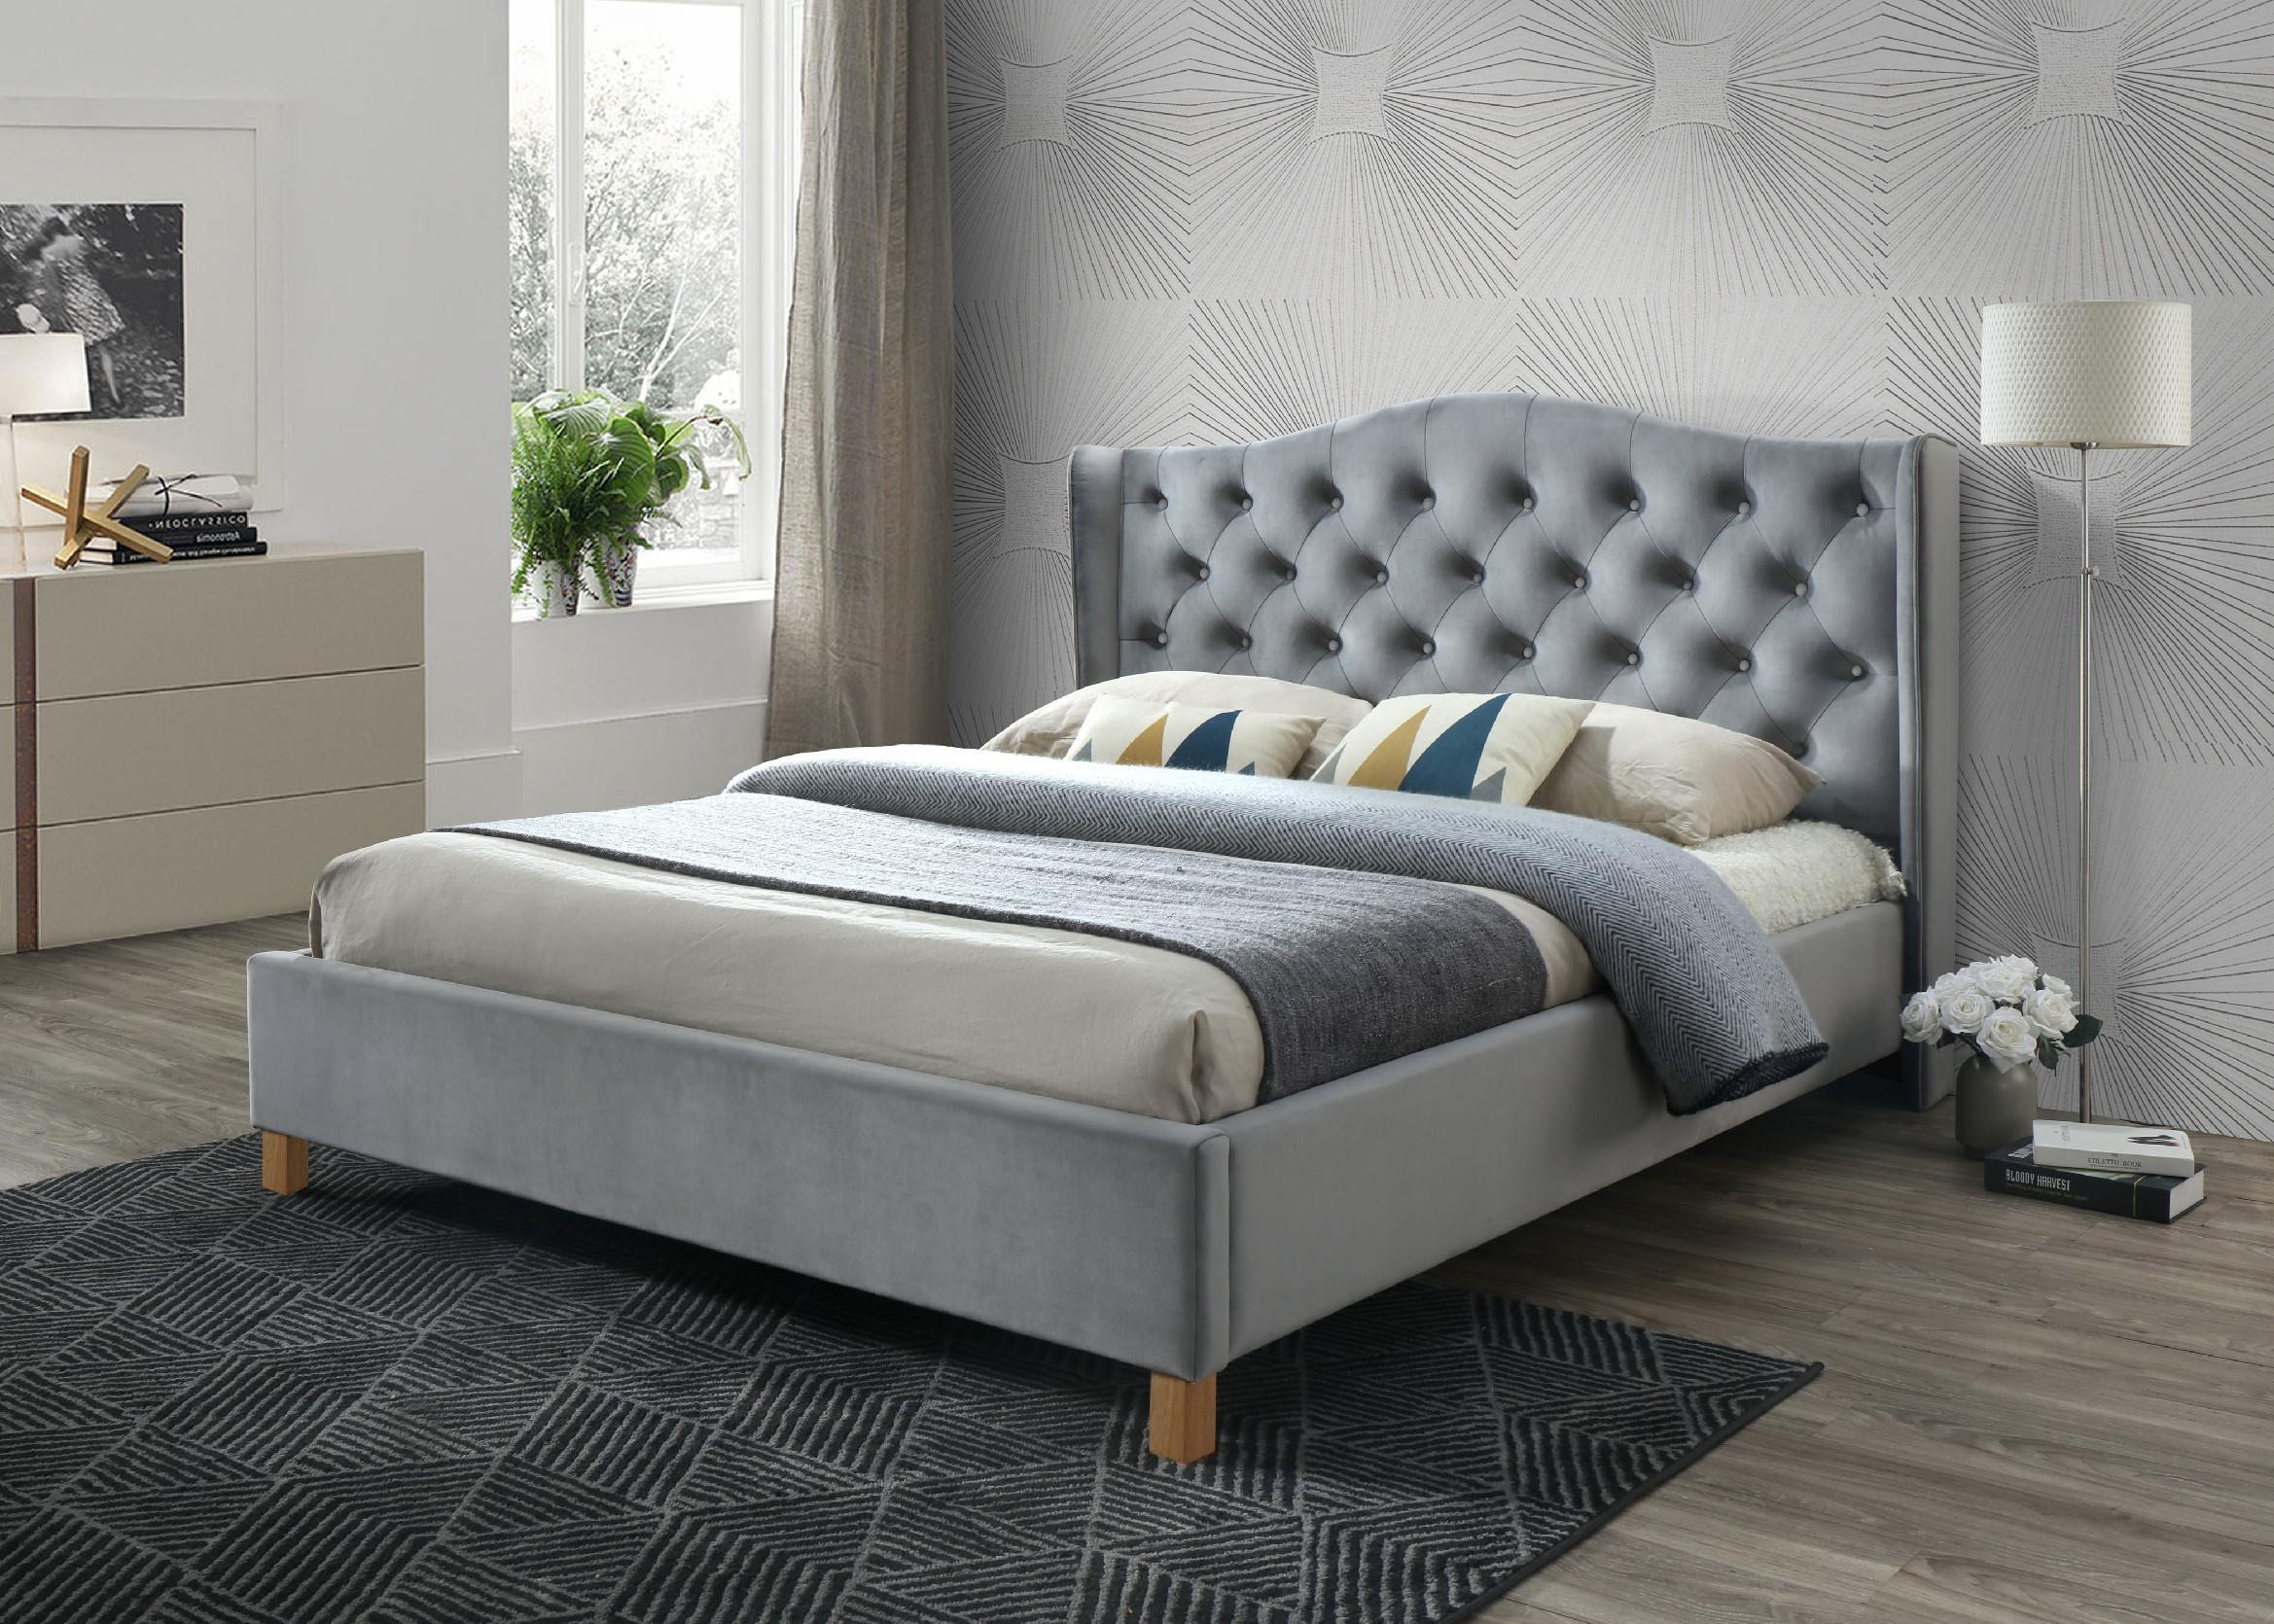 Signal Manželská posteľ Aspen Velvet 160x200 cm Farba: Sivá